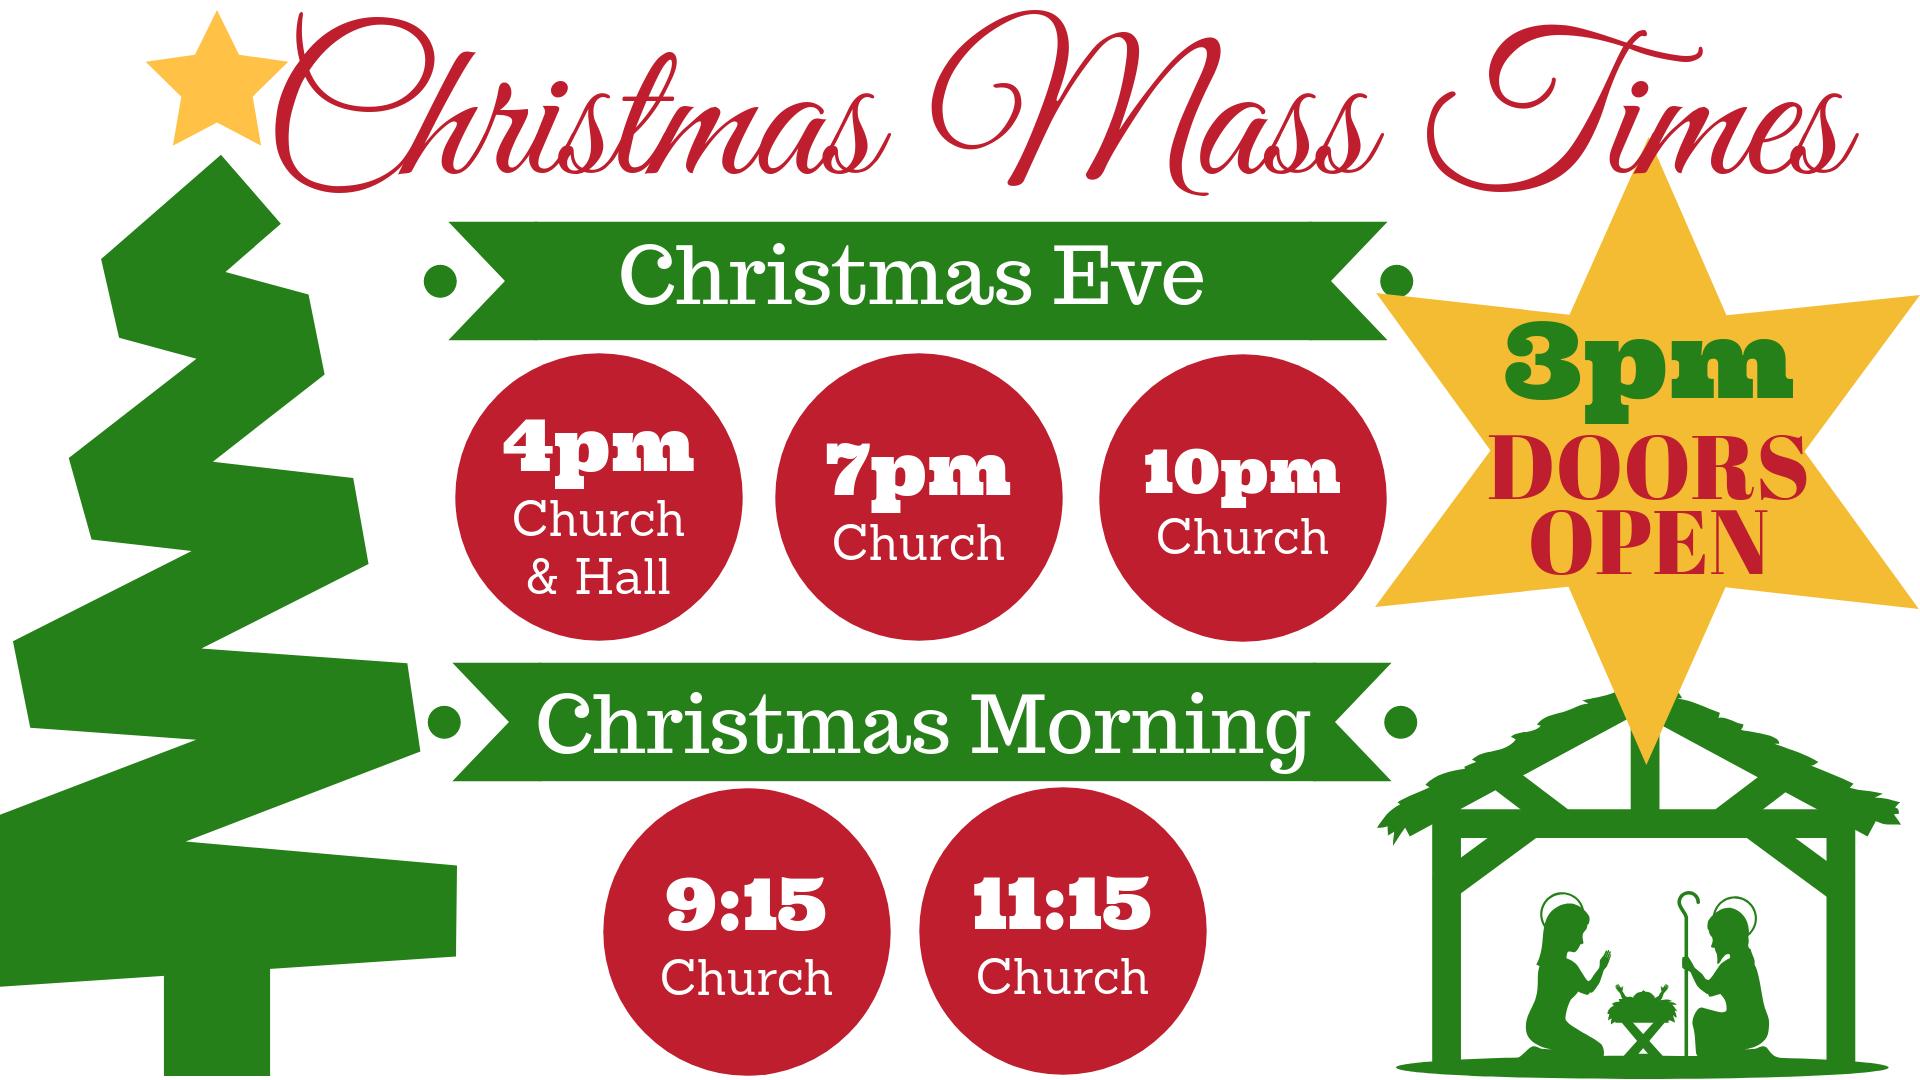 Christmas Mass Times.png